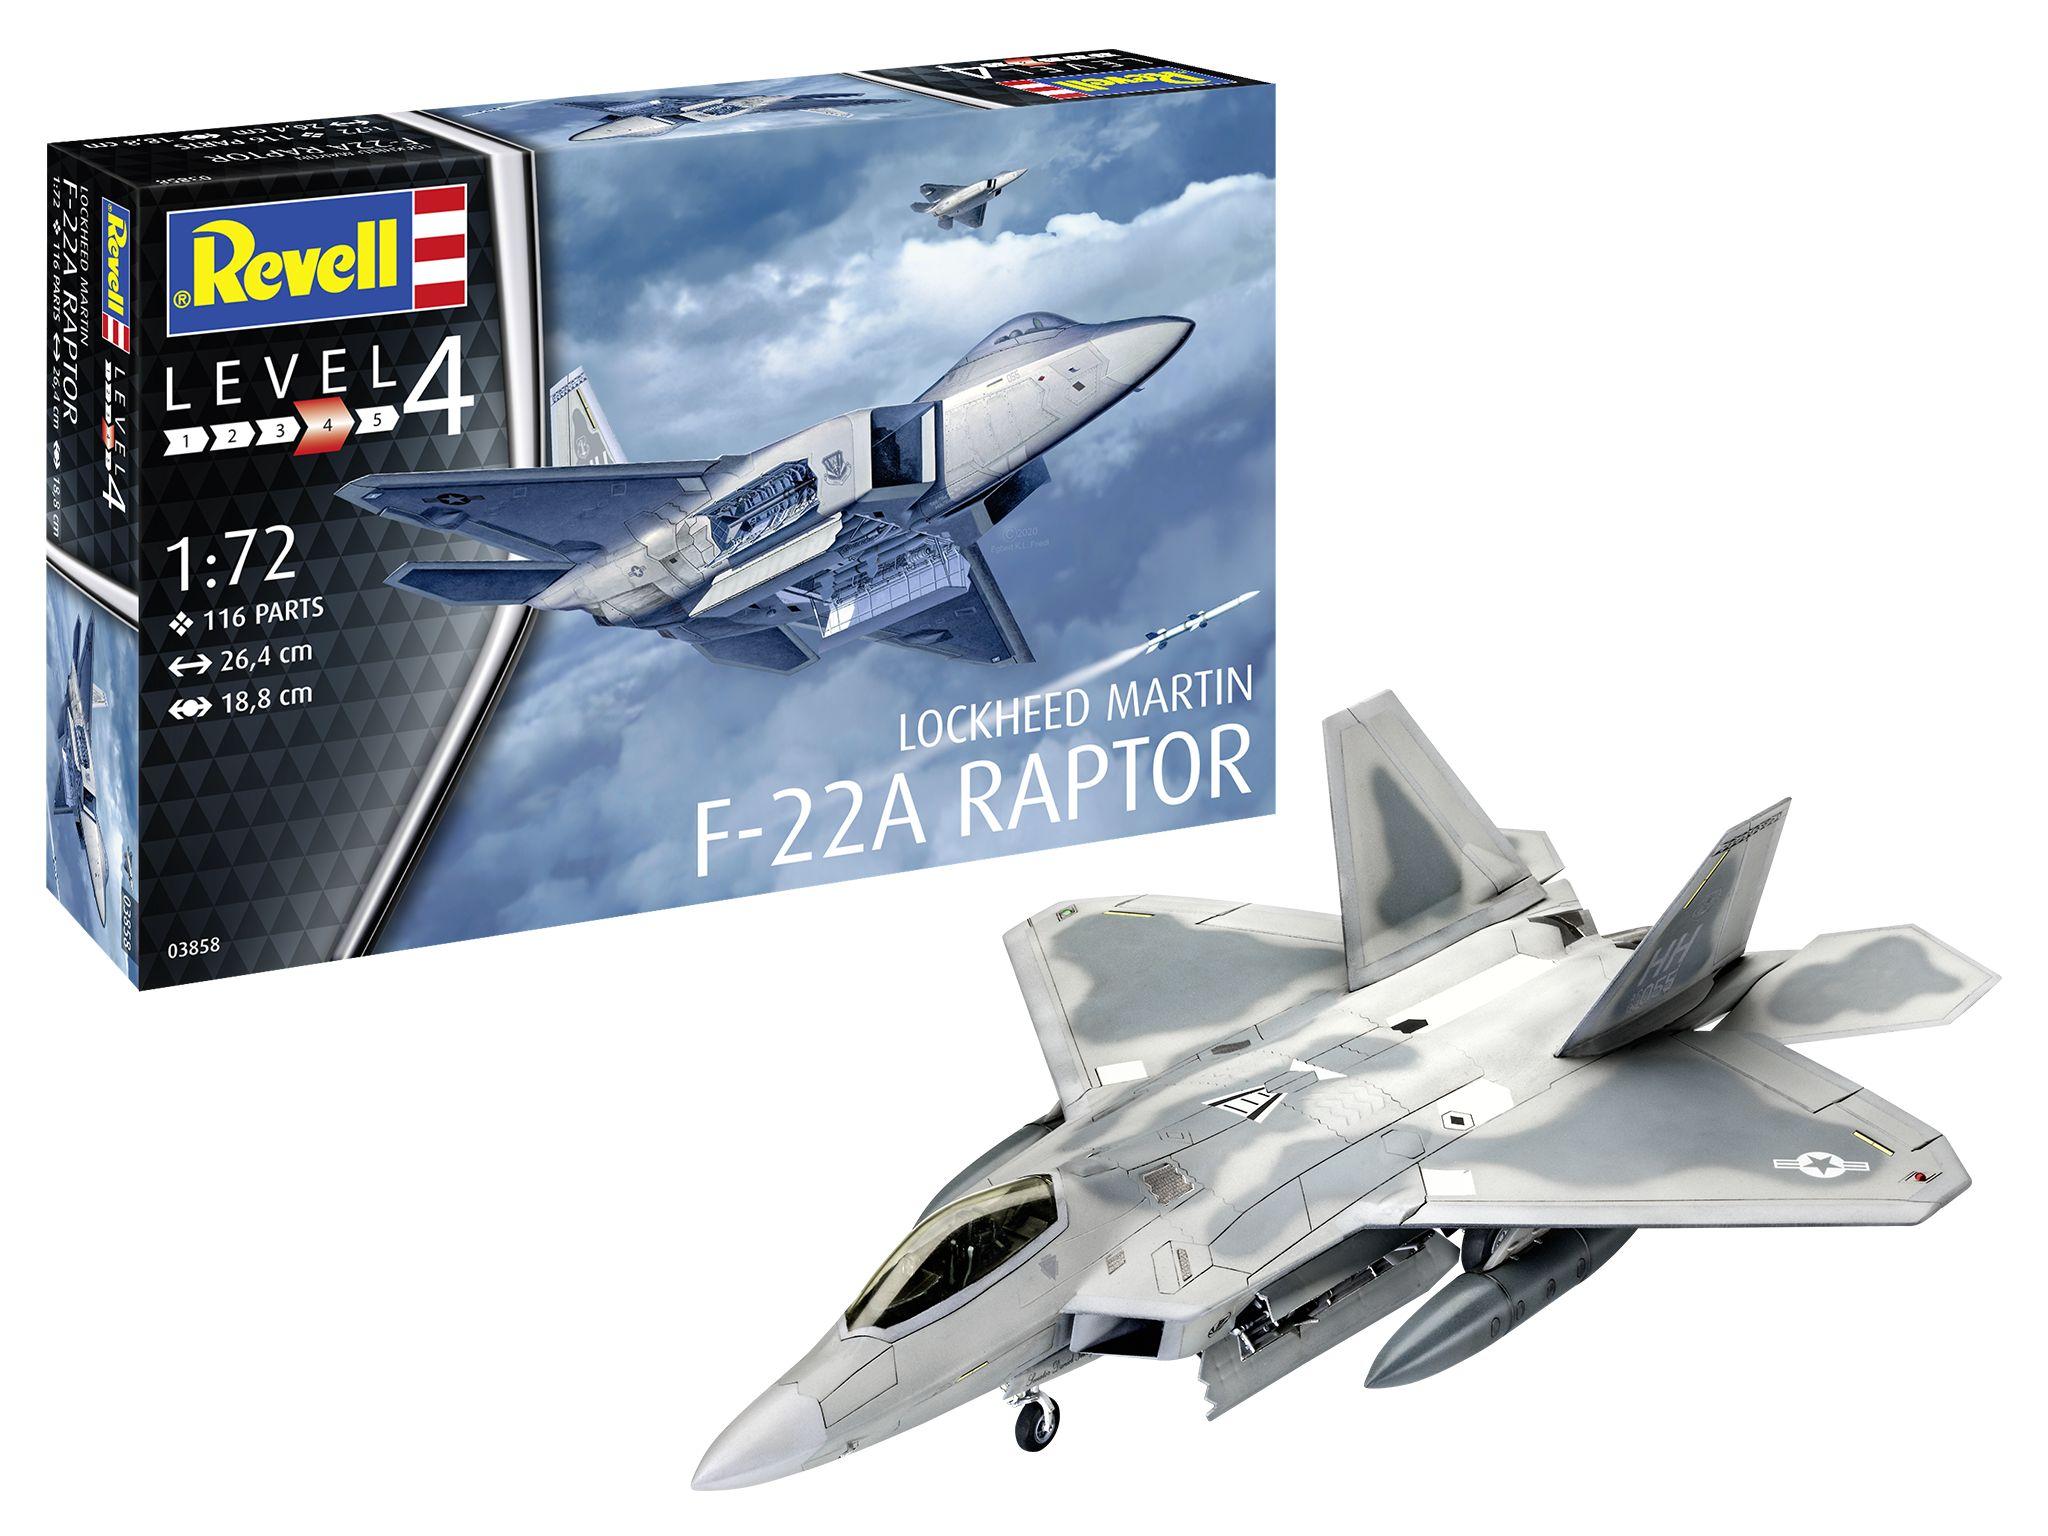 Revell-03858-F-22A-Raptor Revell Neuheiten 2021